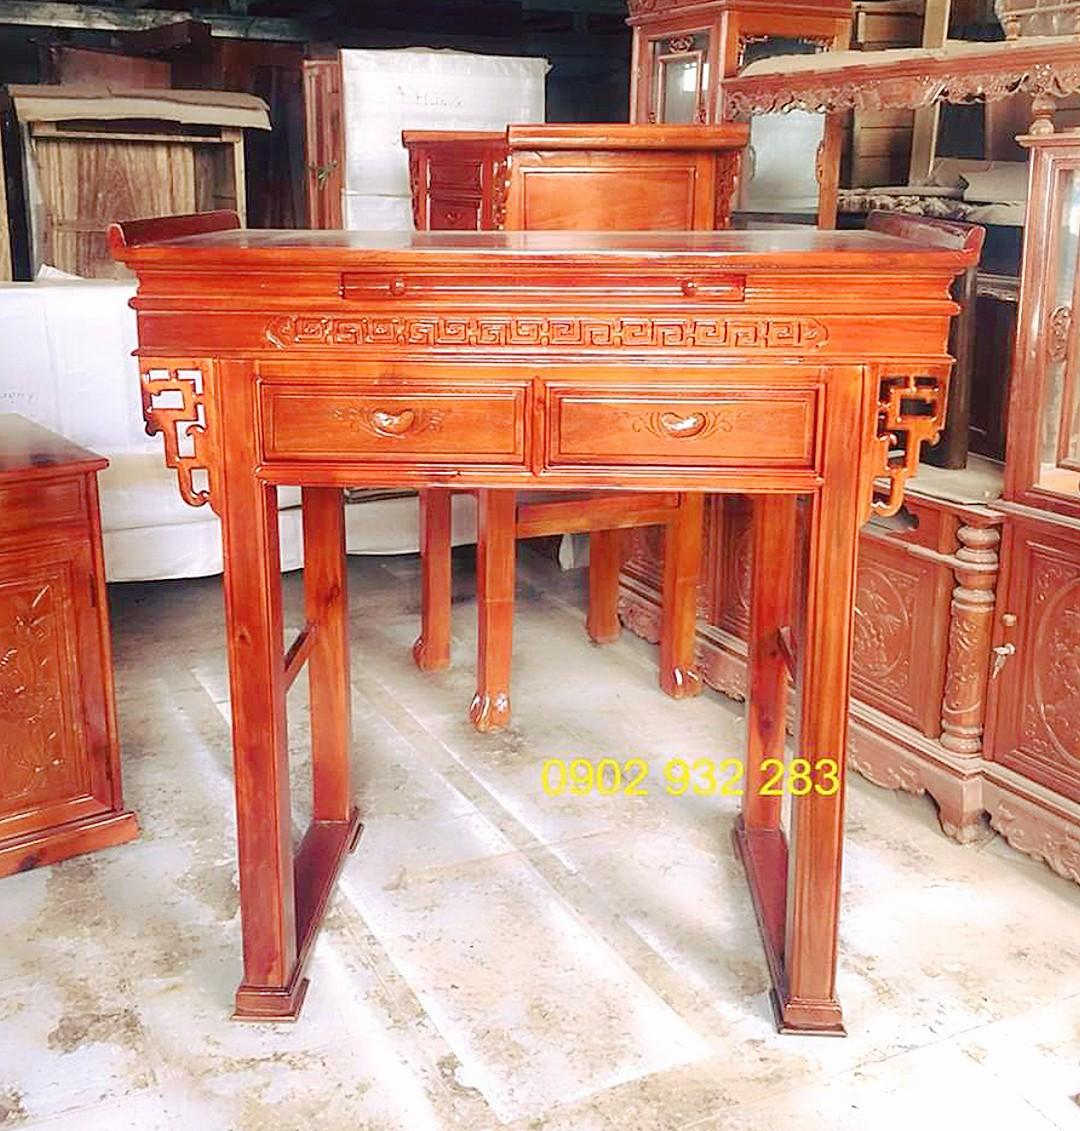 Bàn thờ 1 tầng gỗ gỗ đỏ 1m27